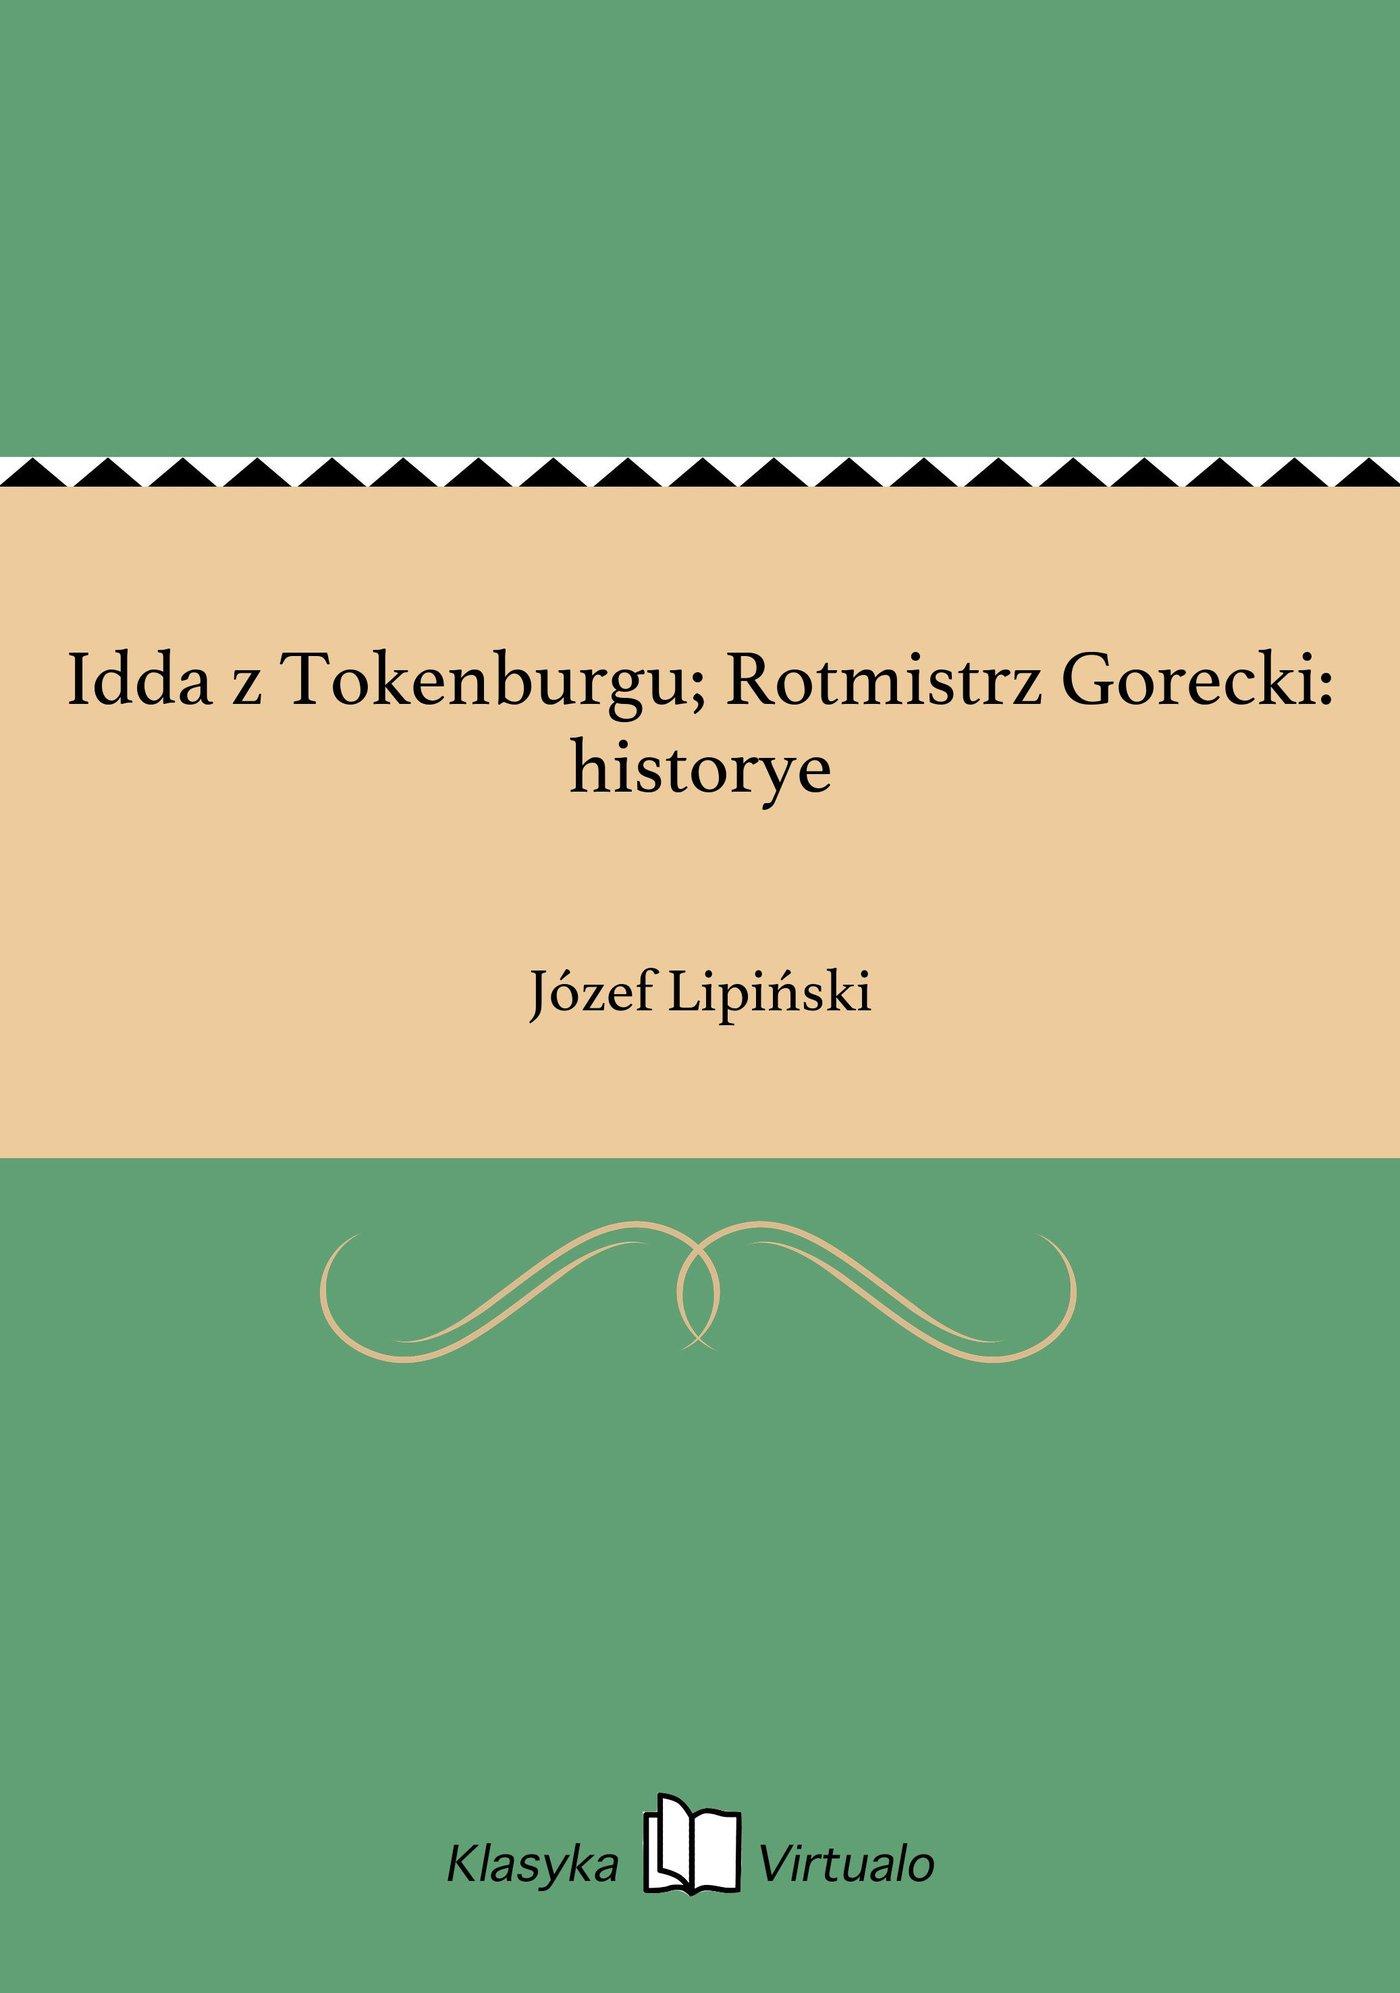 Idda z Tokenburgu; Rotmistrz Gorecki: historye - Ebook (Książka EPUB) do pobrania w formacie EPUB